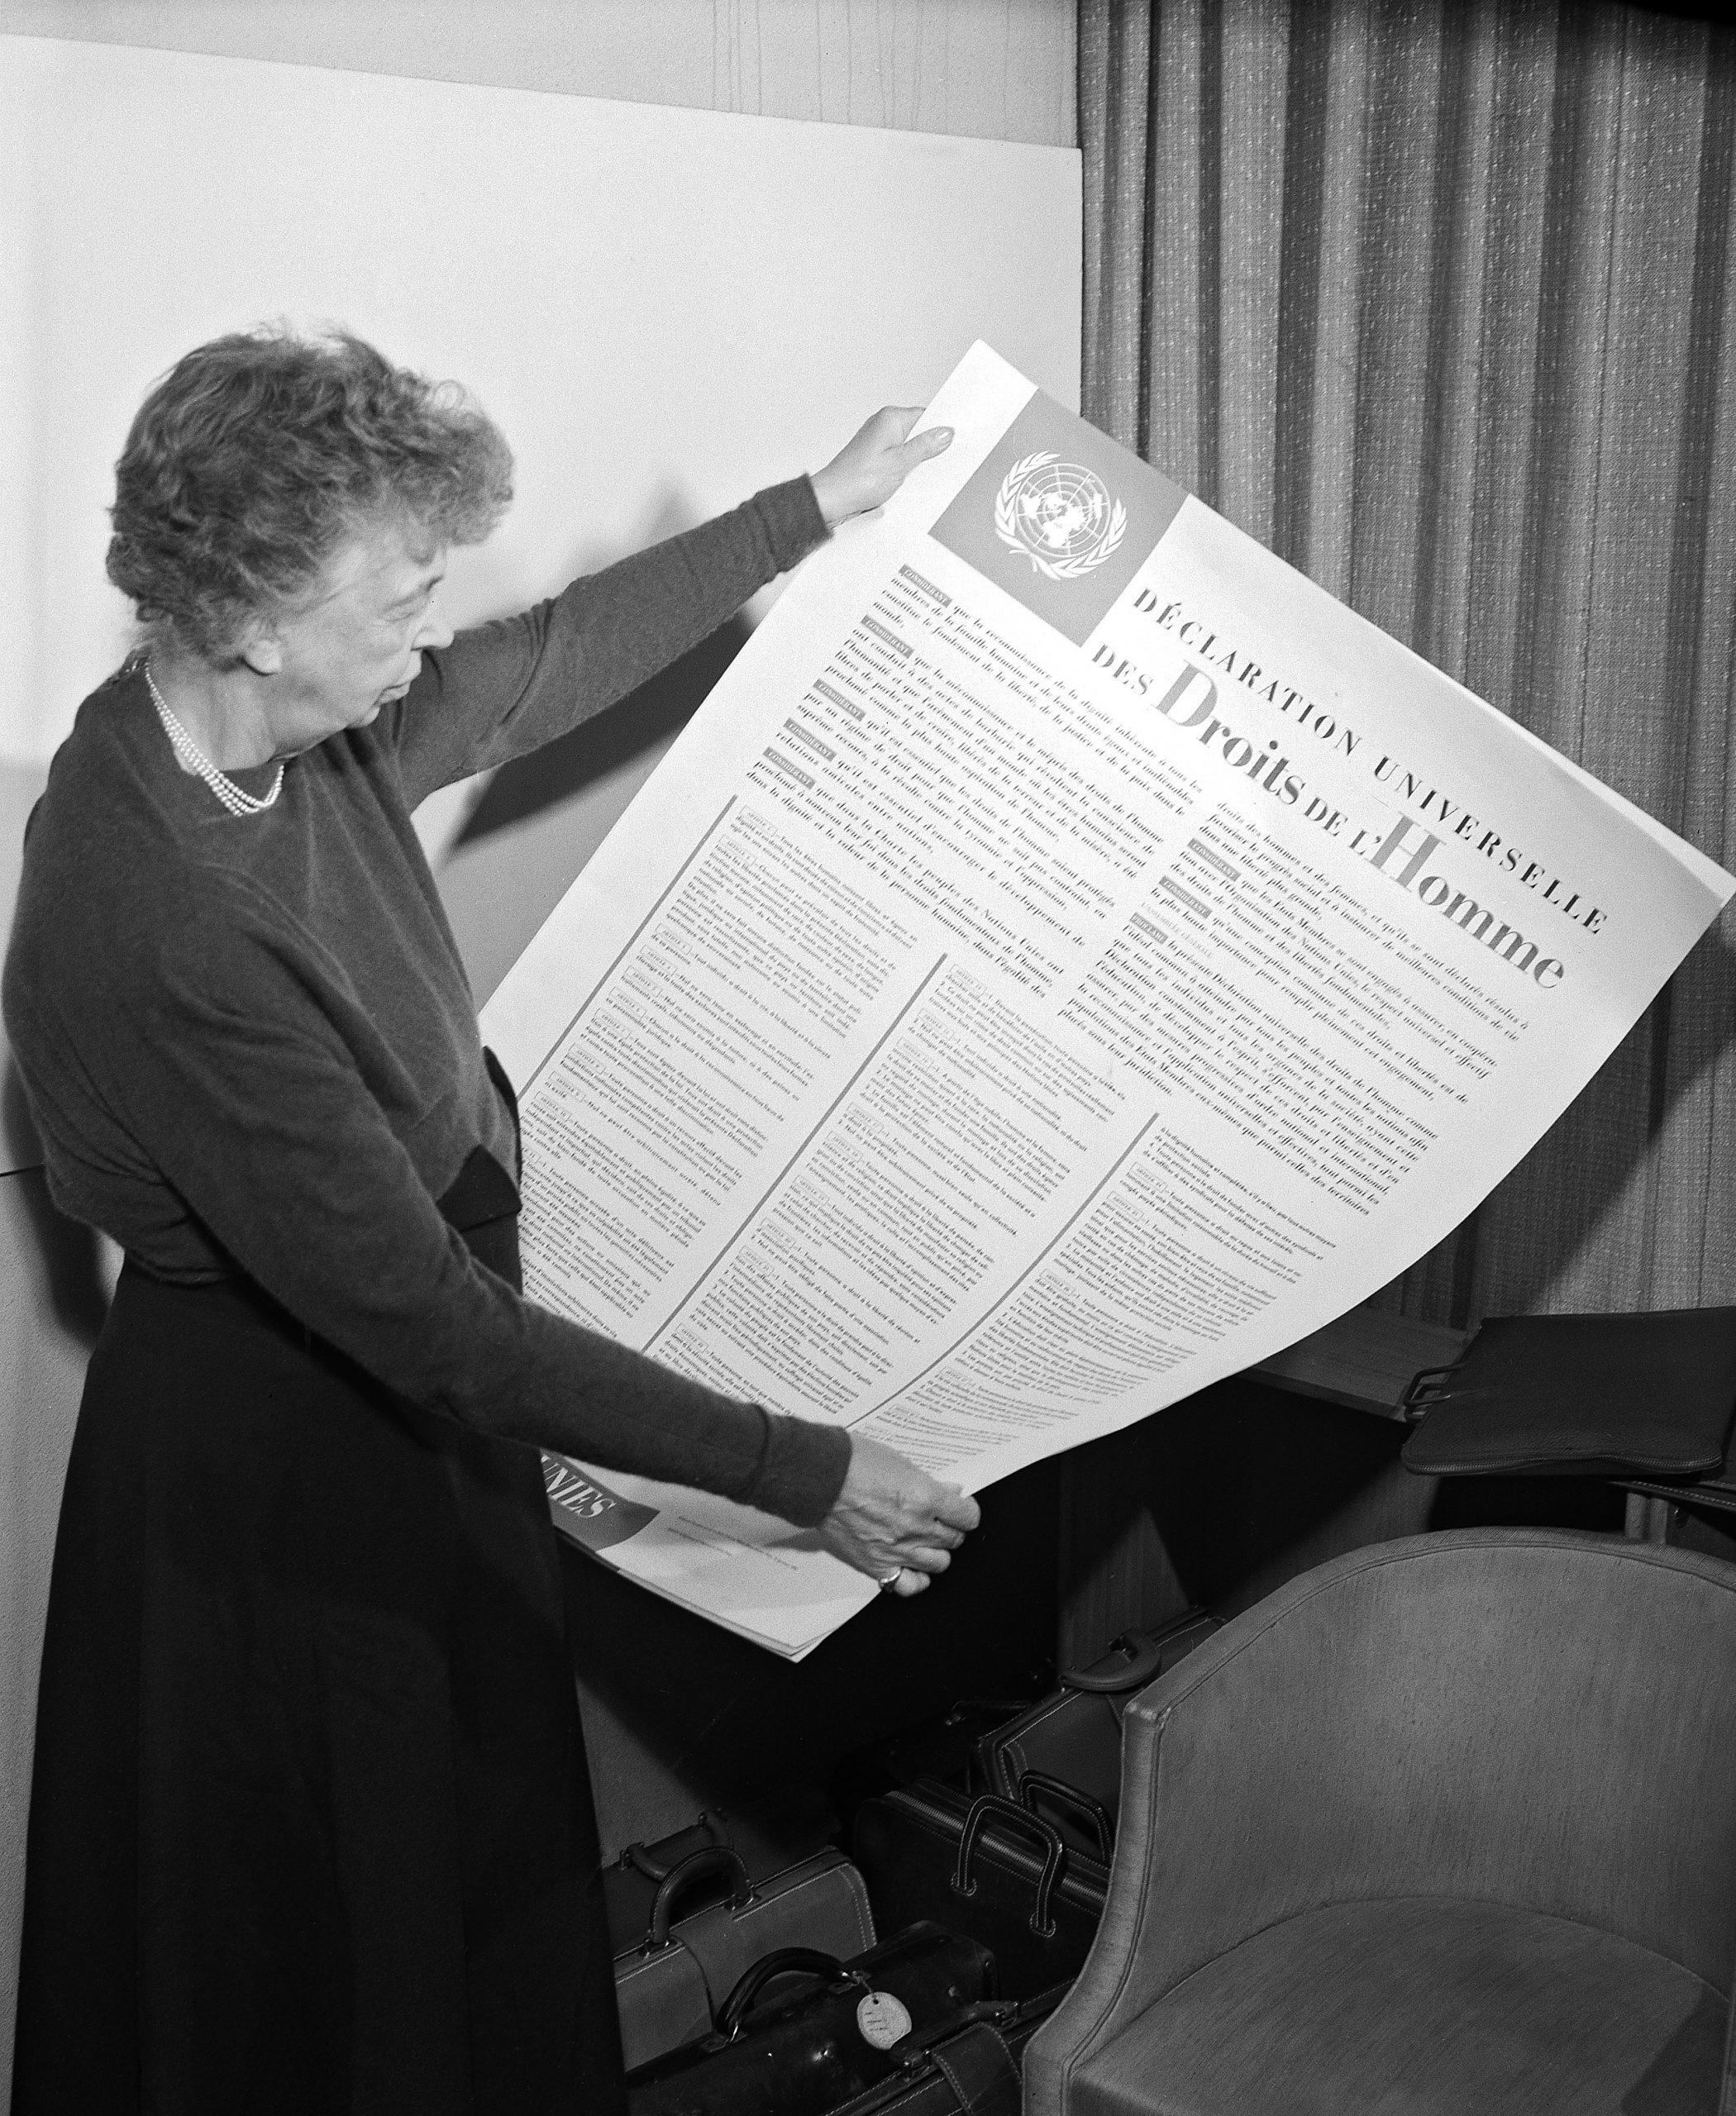 Eleanor Roosevelt avec la Déclaration universelle des Droits de l'Homme, New York, 1949. Photo: UN, sous licence Creative Commons (CC-BY-SA-NC)